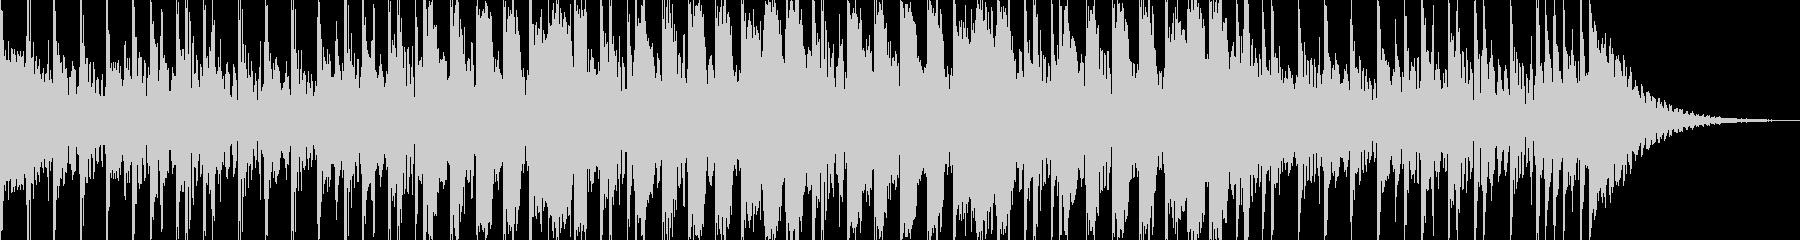 23秒 爽快なドラムと口笛の未再生の波形